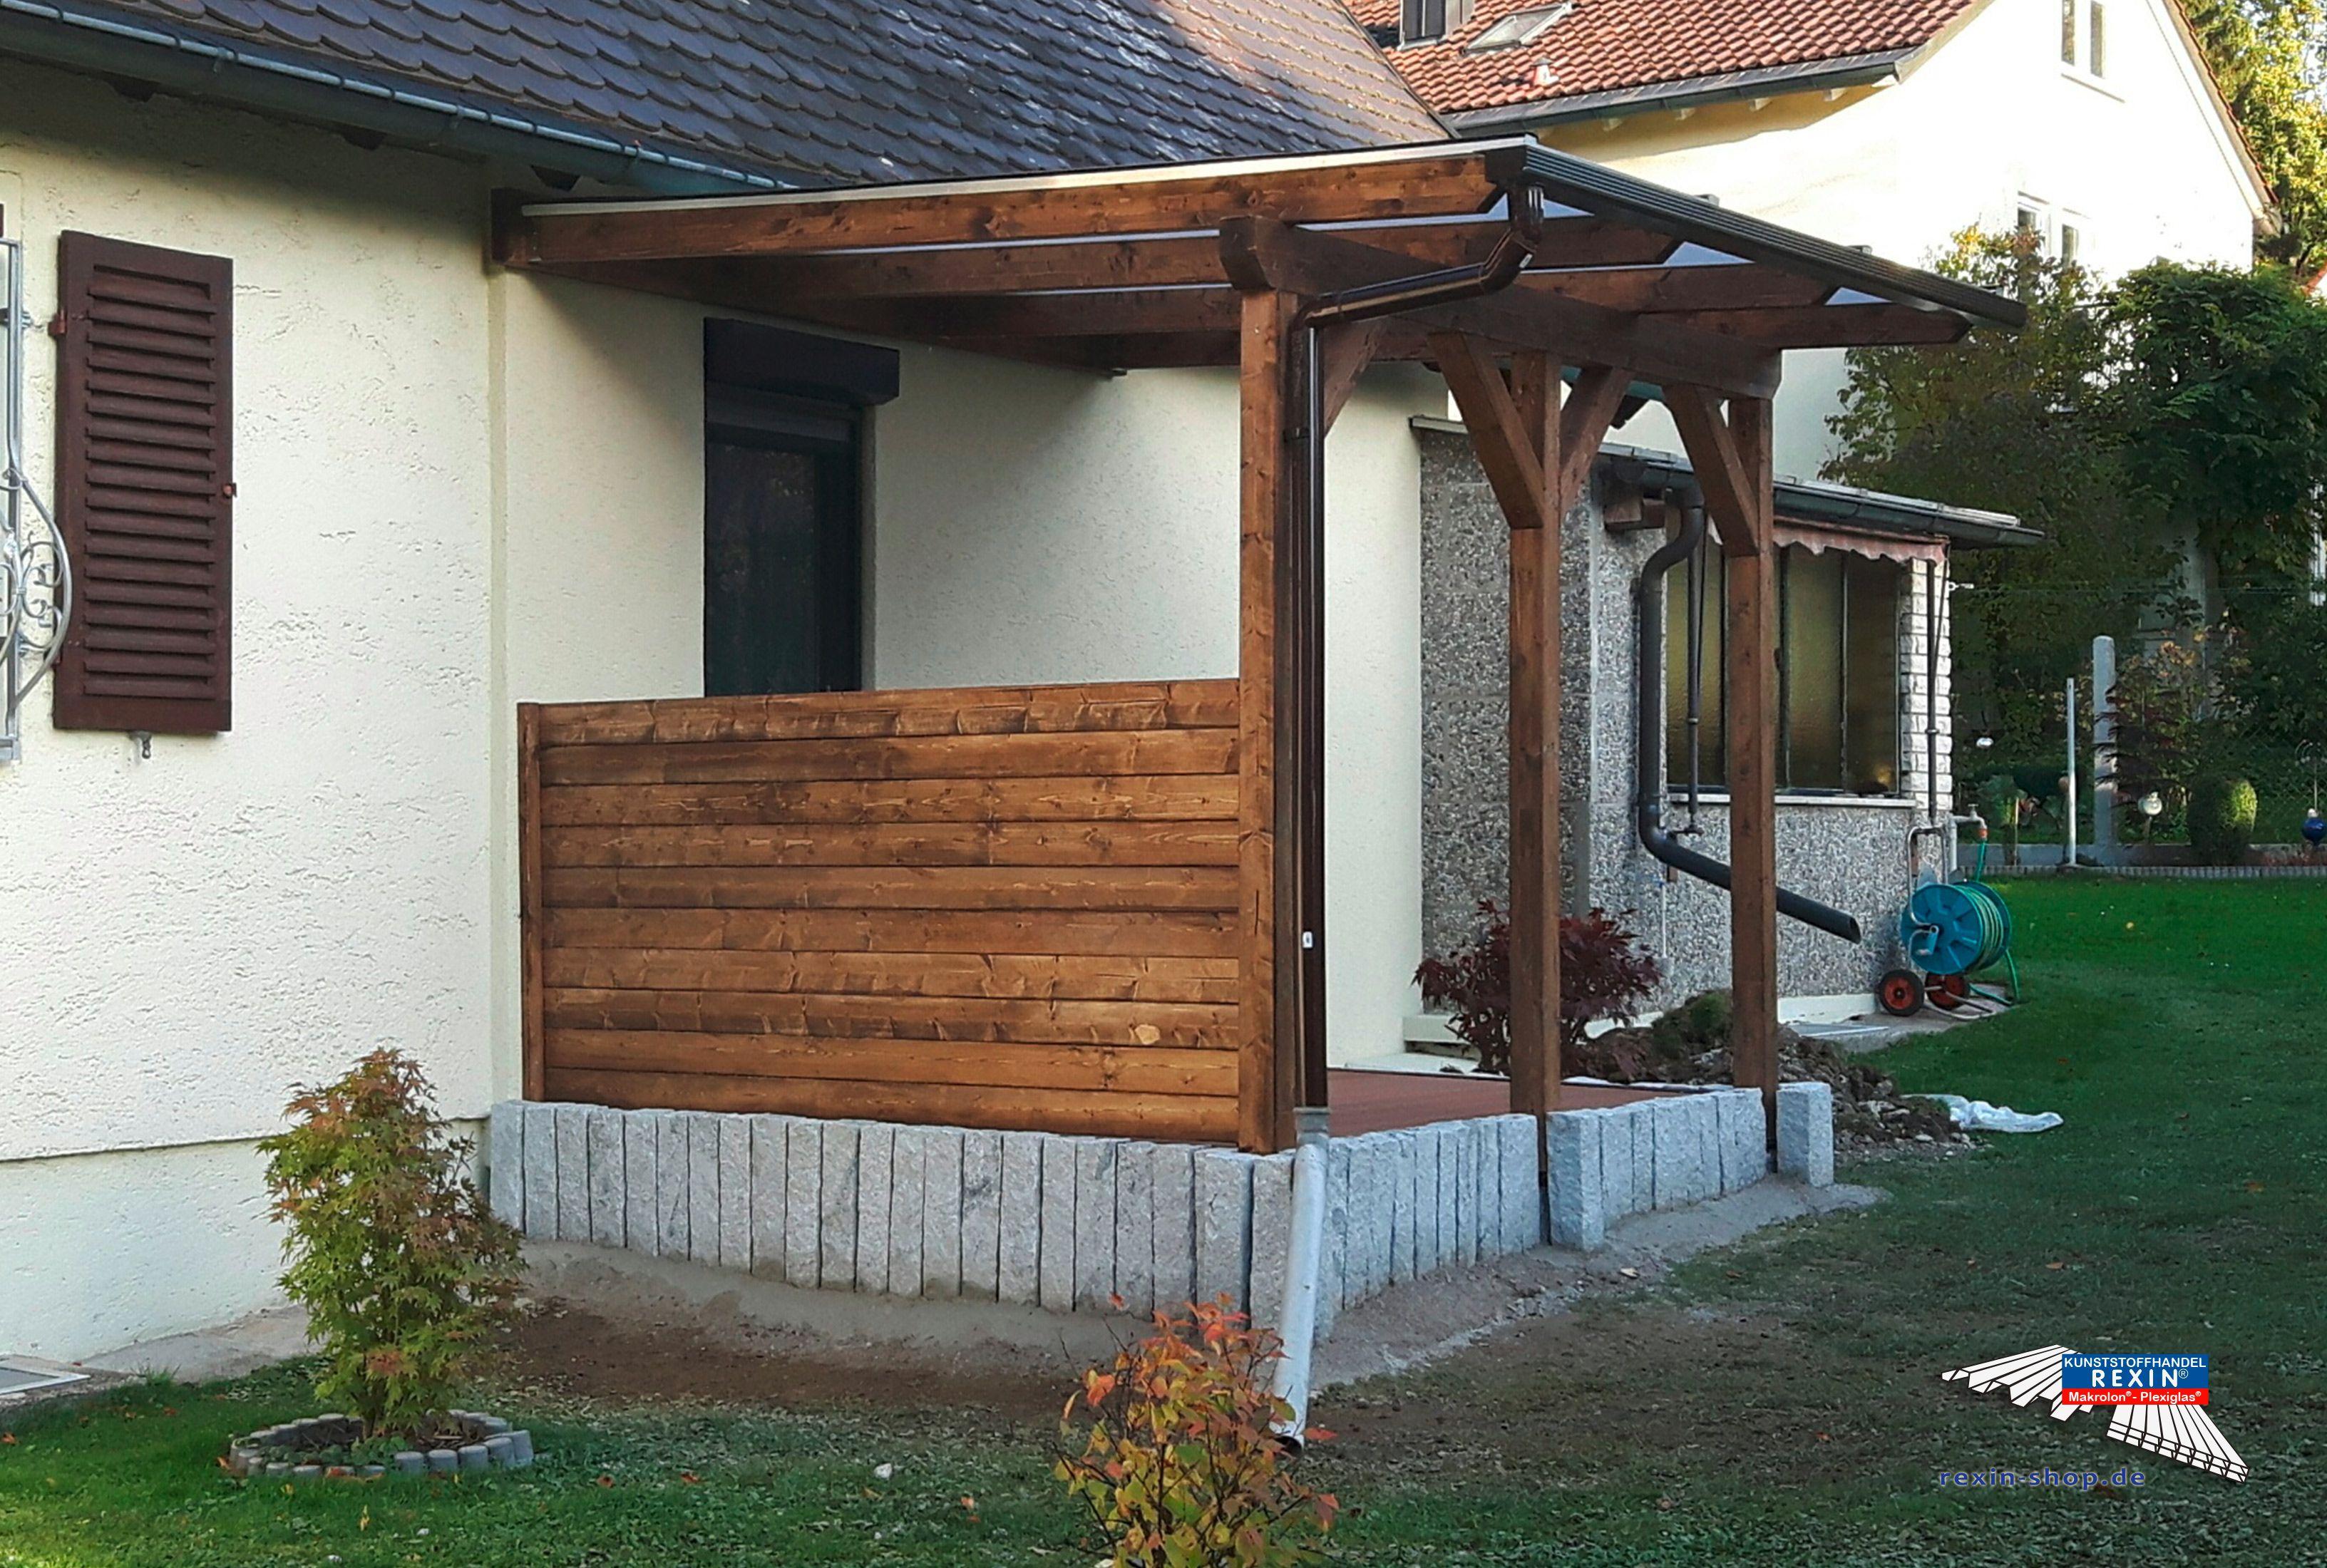 Ein Holz Terrassendach Der Marke Rexocomplete 3m X 3m Mit Rexoclear Stegplatten Und Rexodrop Regenrinne Bei Di Stegplatten Terrassendach Uberdachung Terrasse